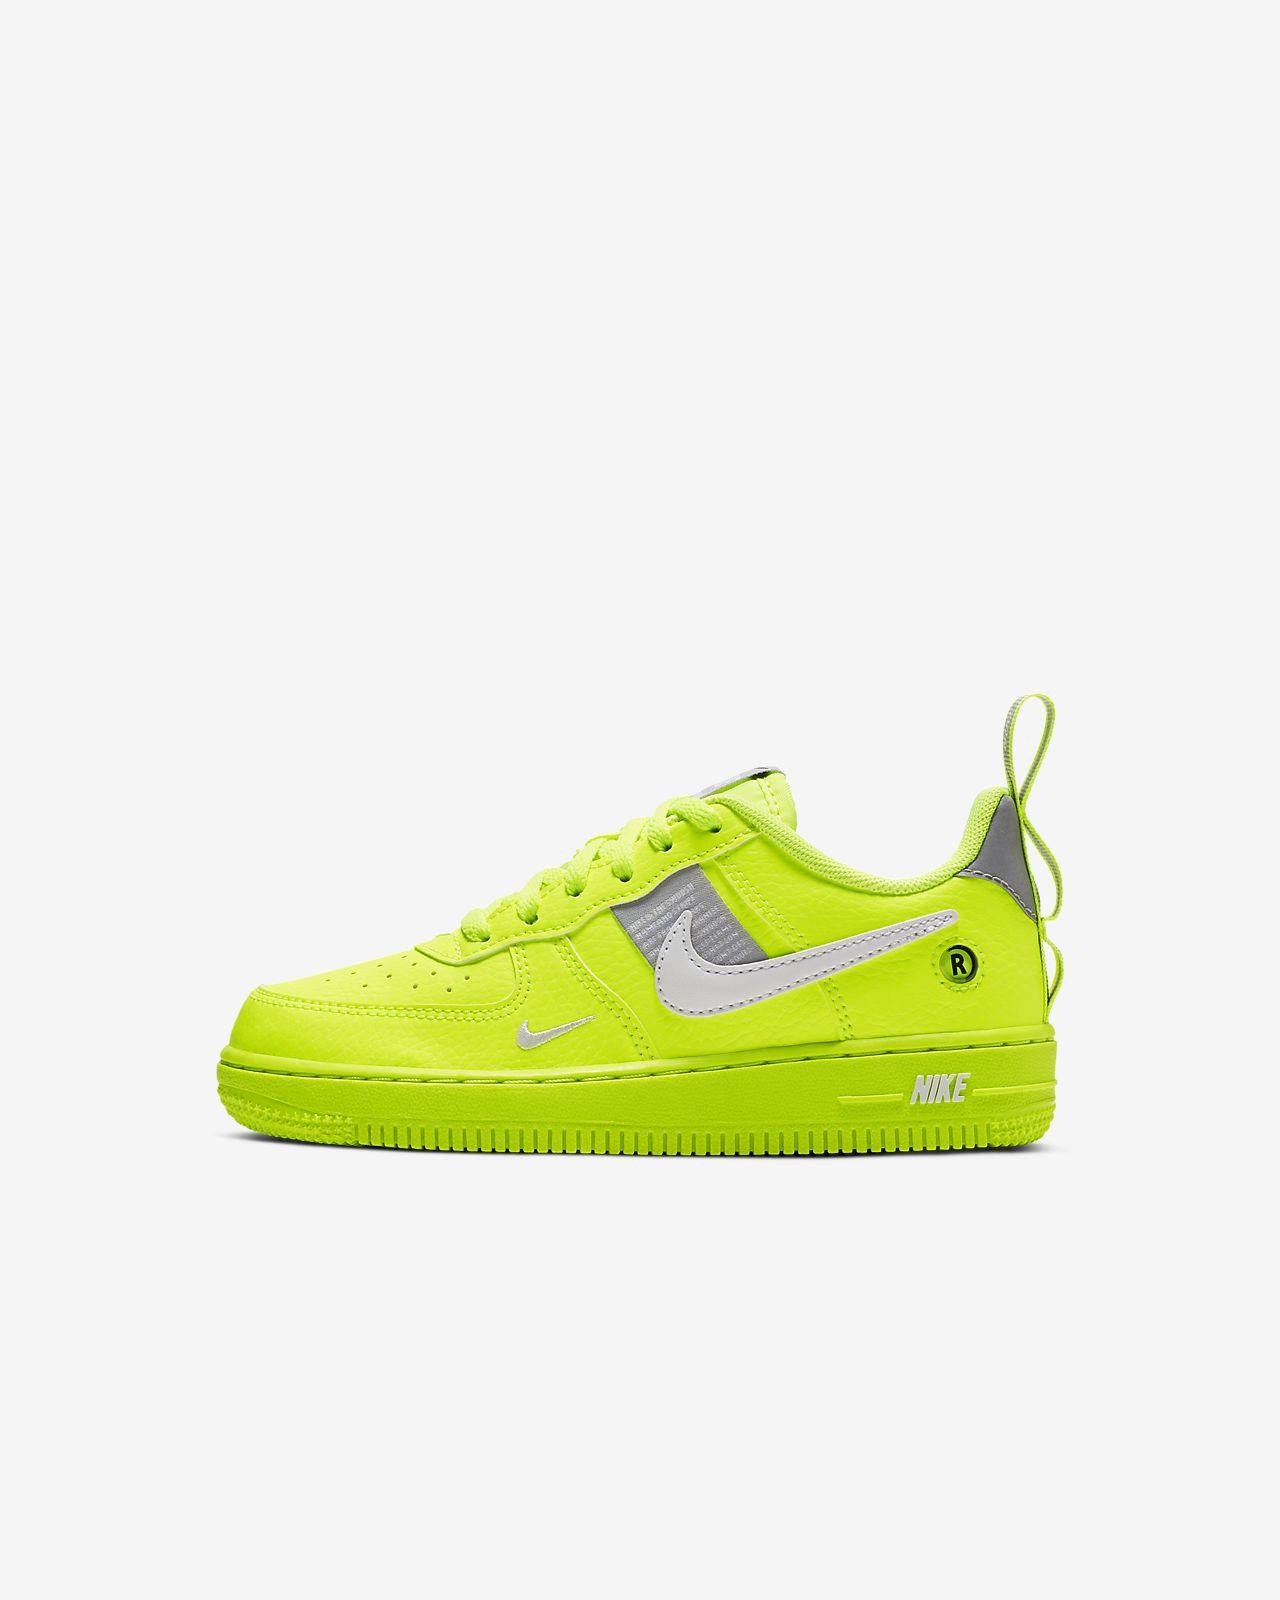 Nike Force 1 LV8 Utility Little Kids' Shoe